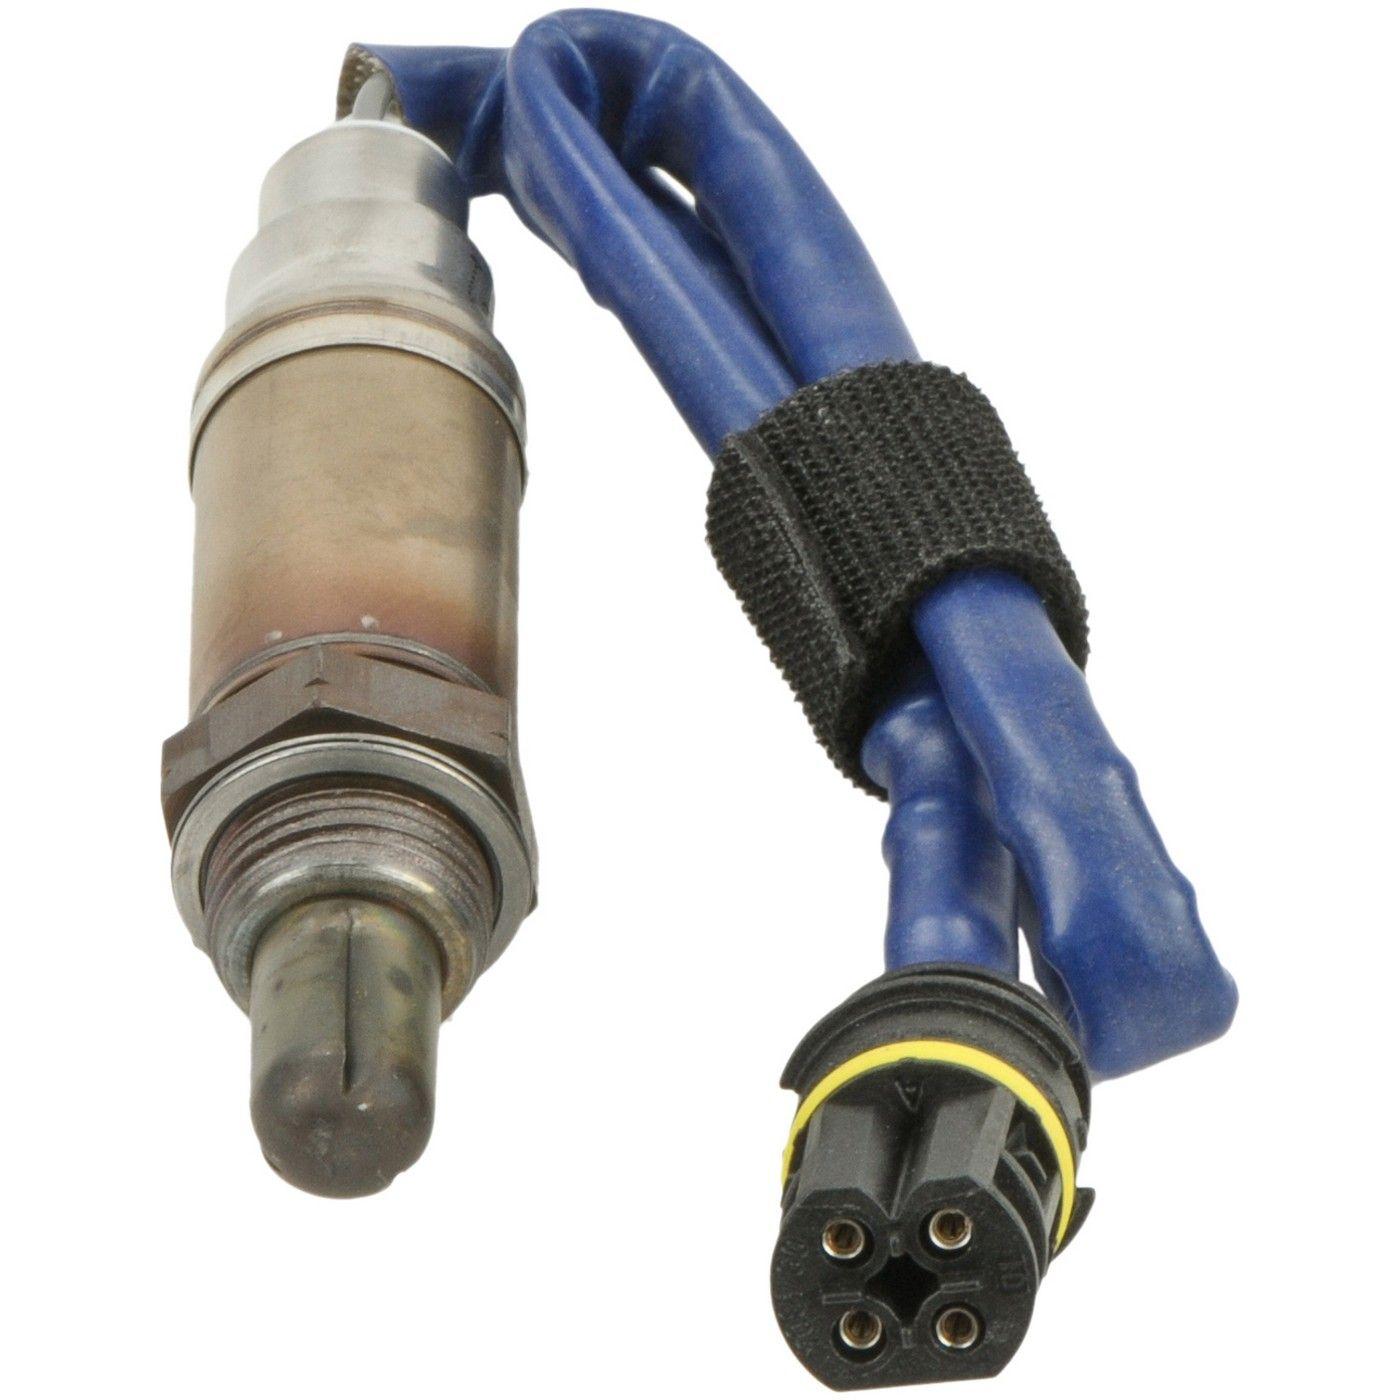 1996 mercedes c280 fuel filter mercedes e250 fuel filter